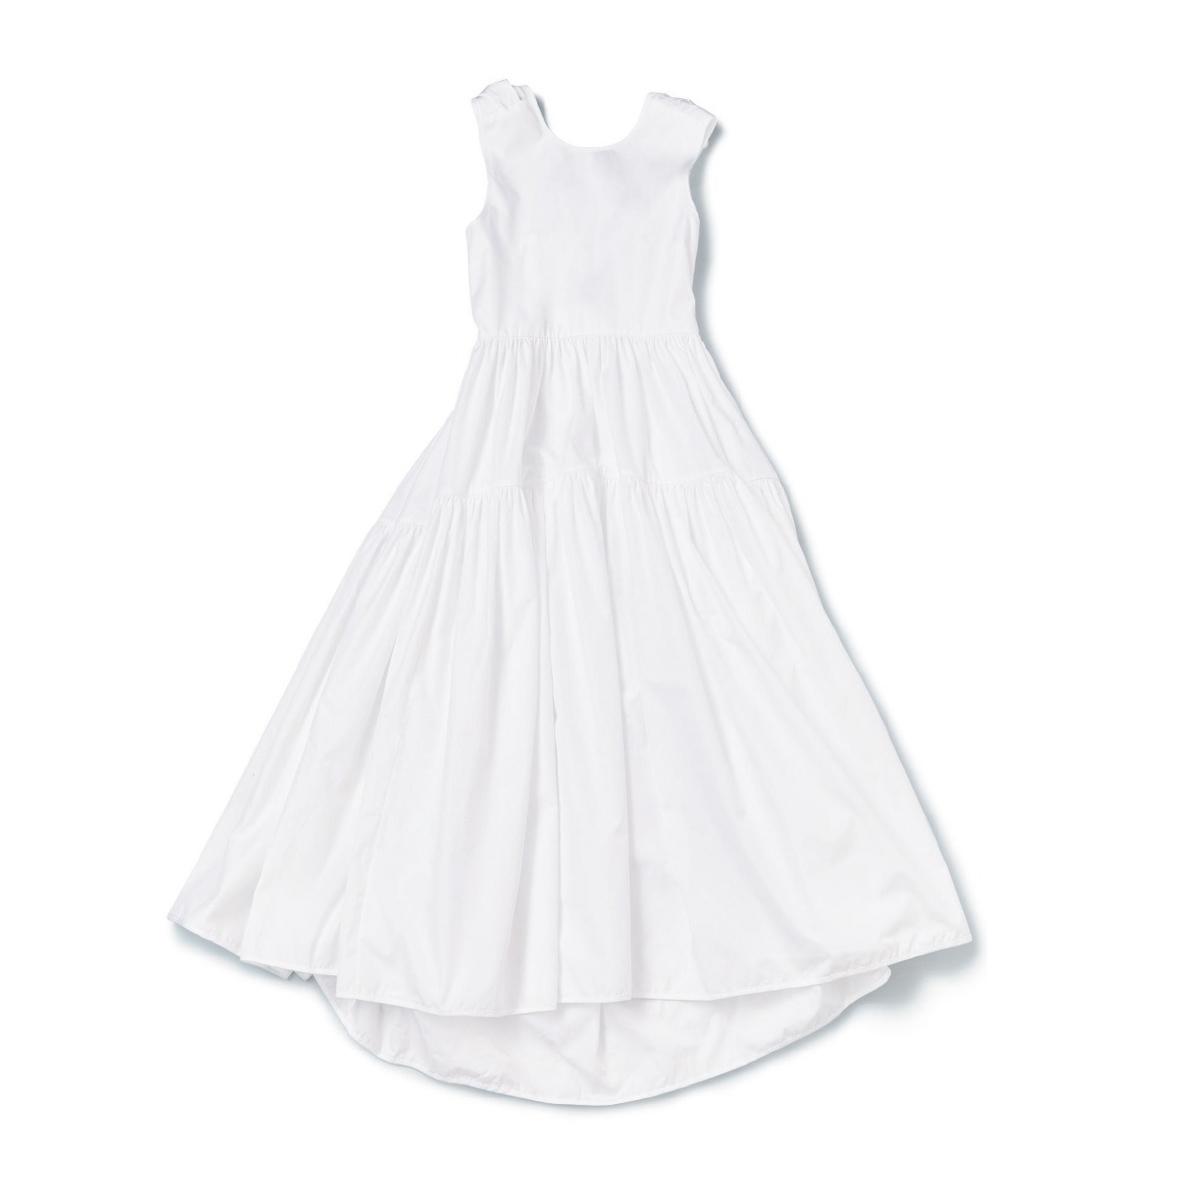 セシリー バンセン「ホワイトドレス」